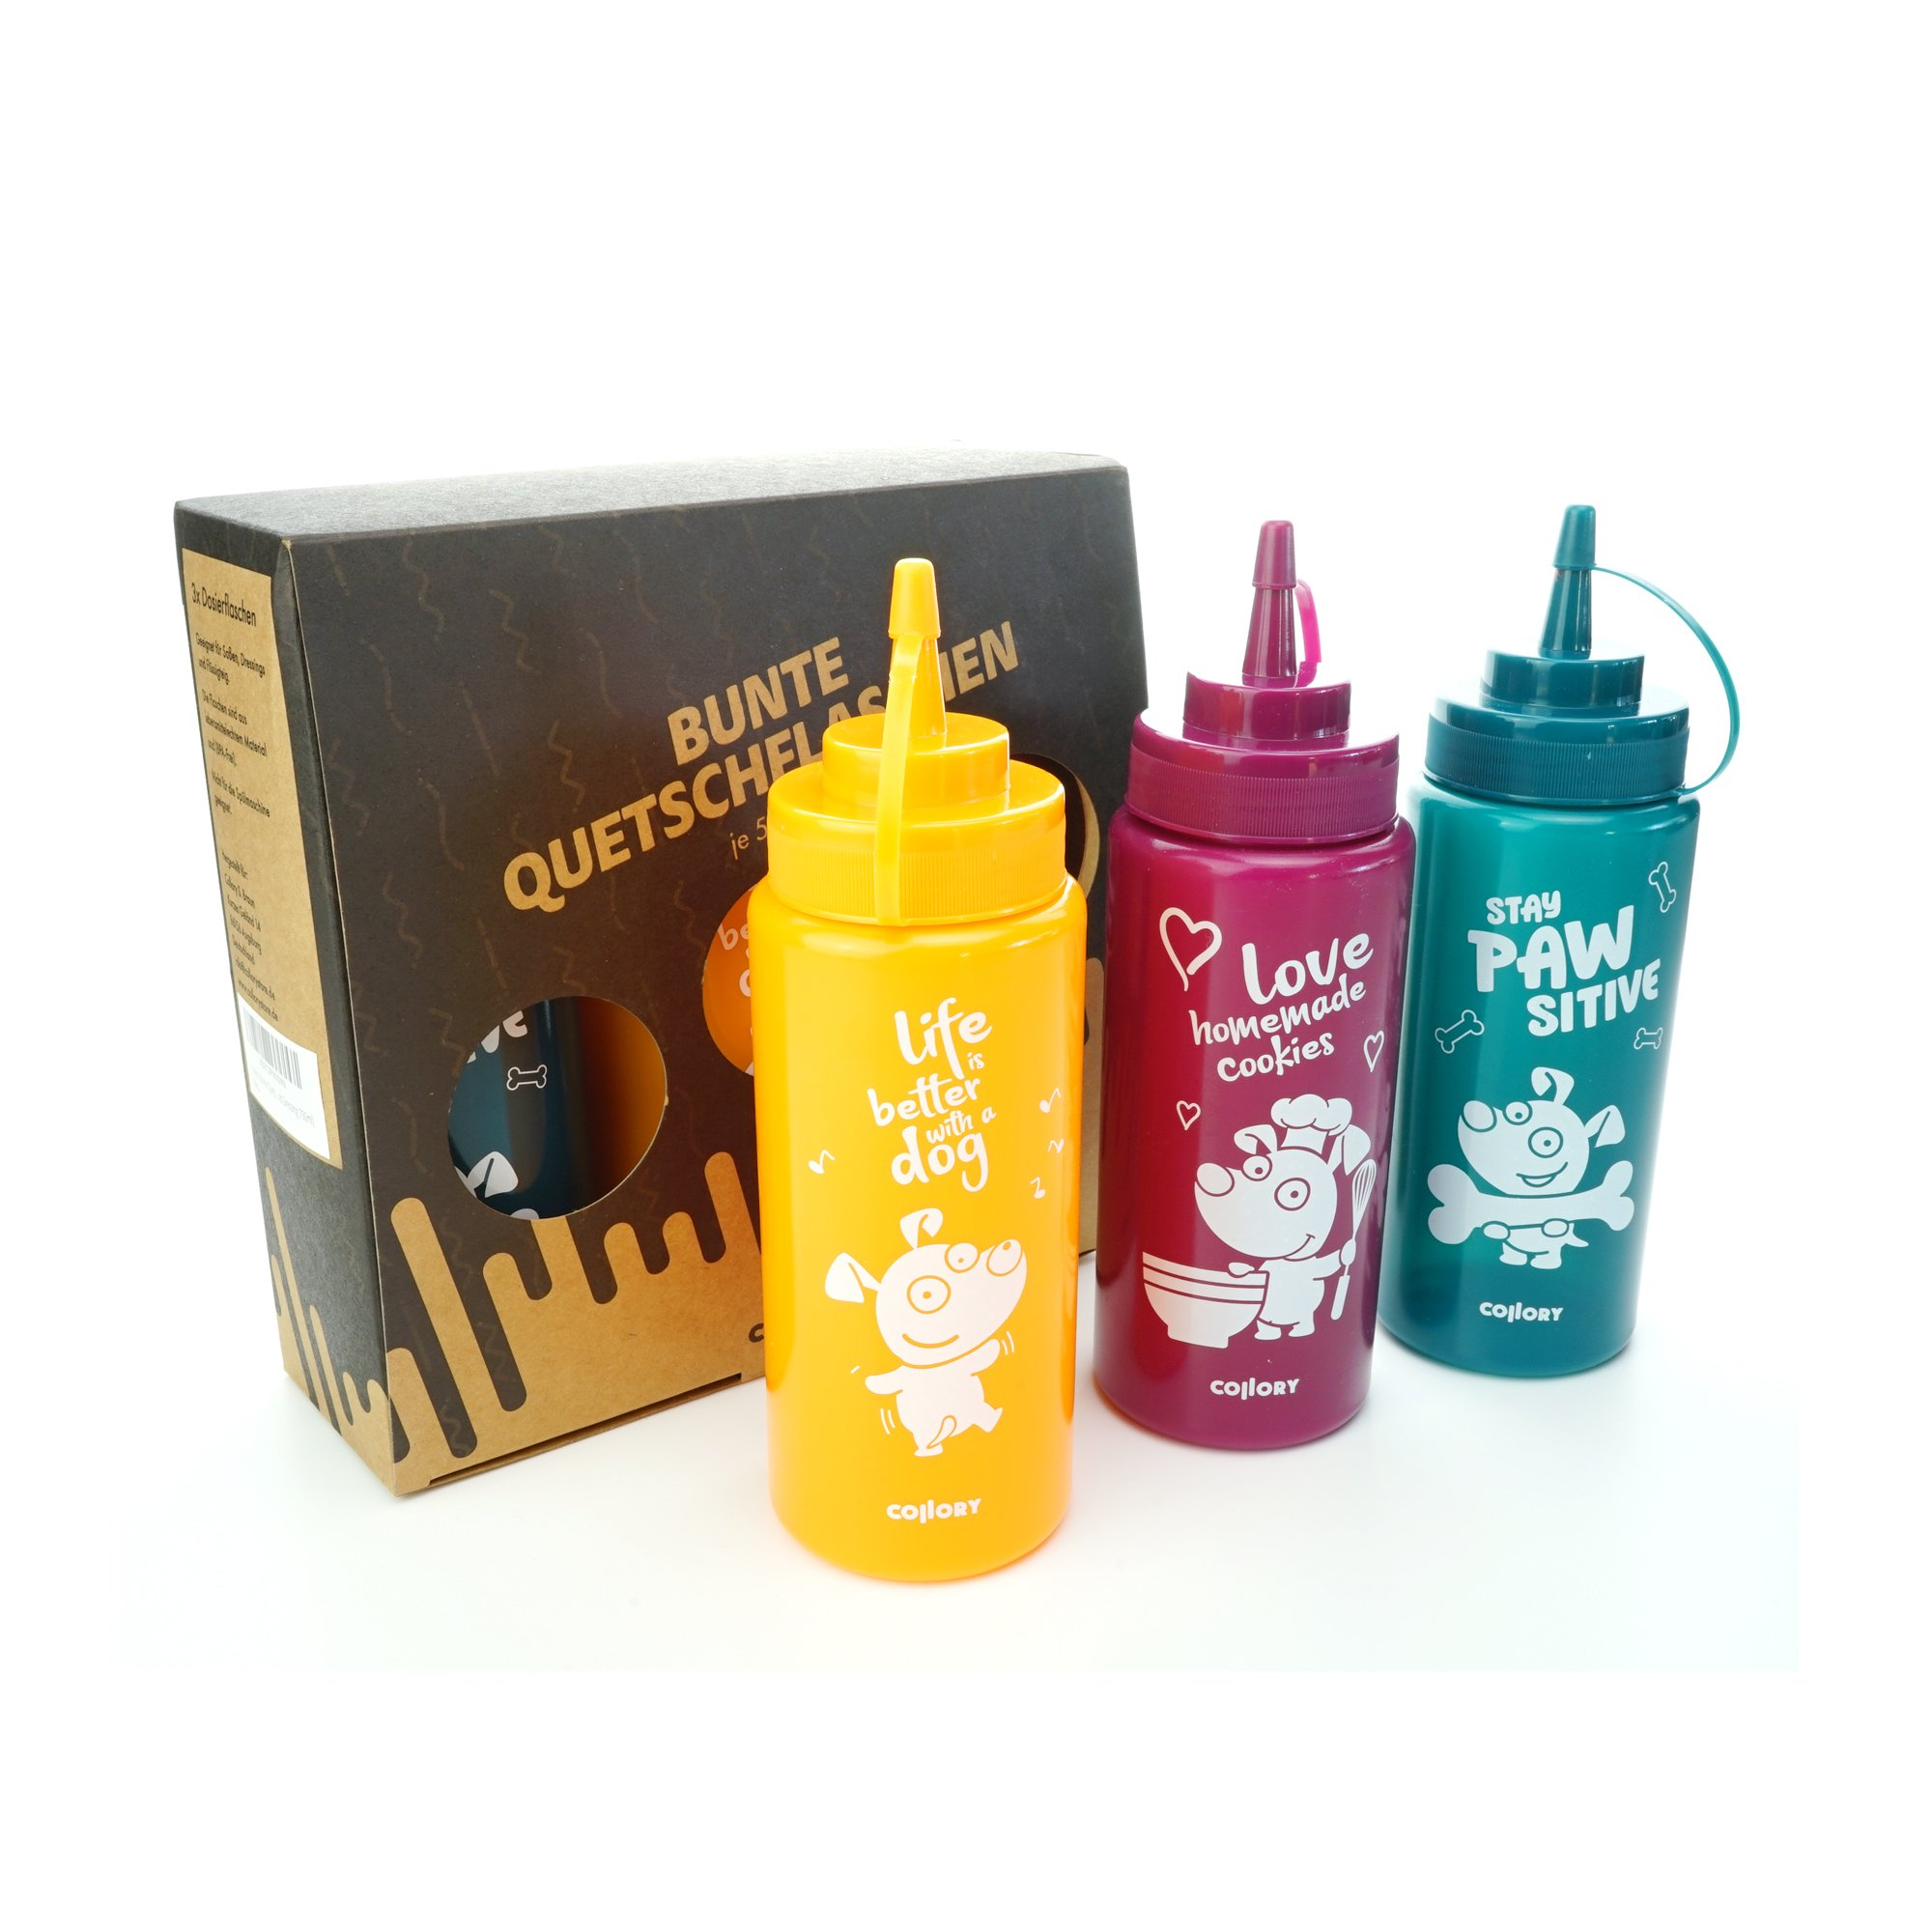 Collory Backmatte Quetschflasche 3er Set (orange+bordeauxrot+petrol)